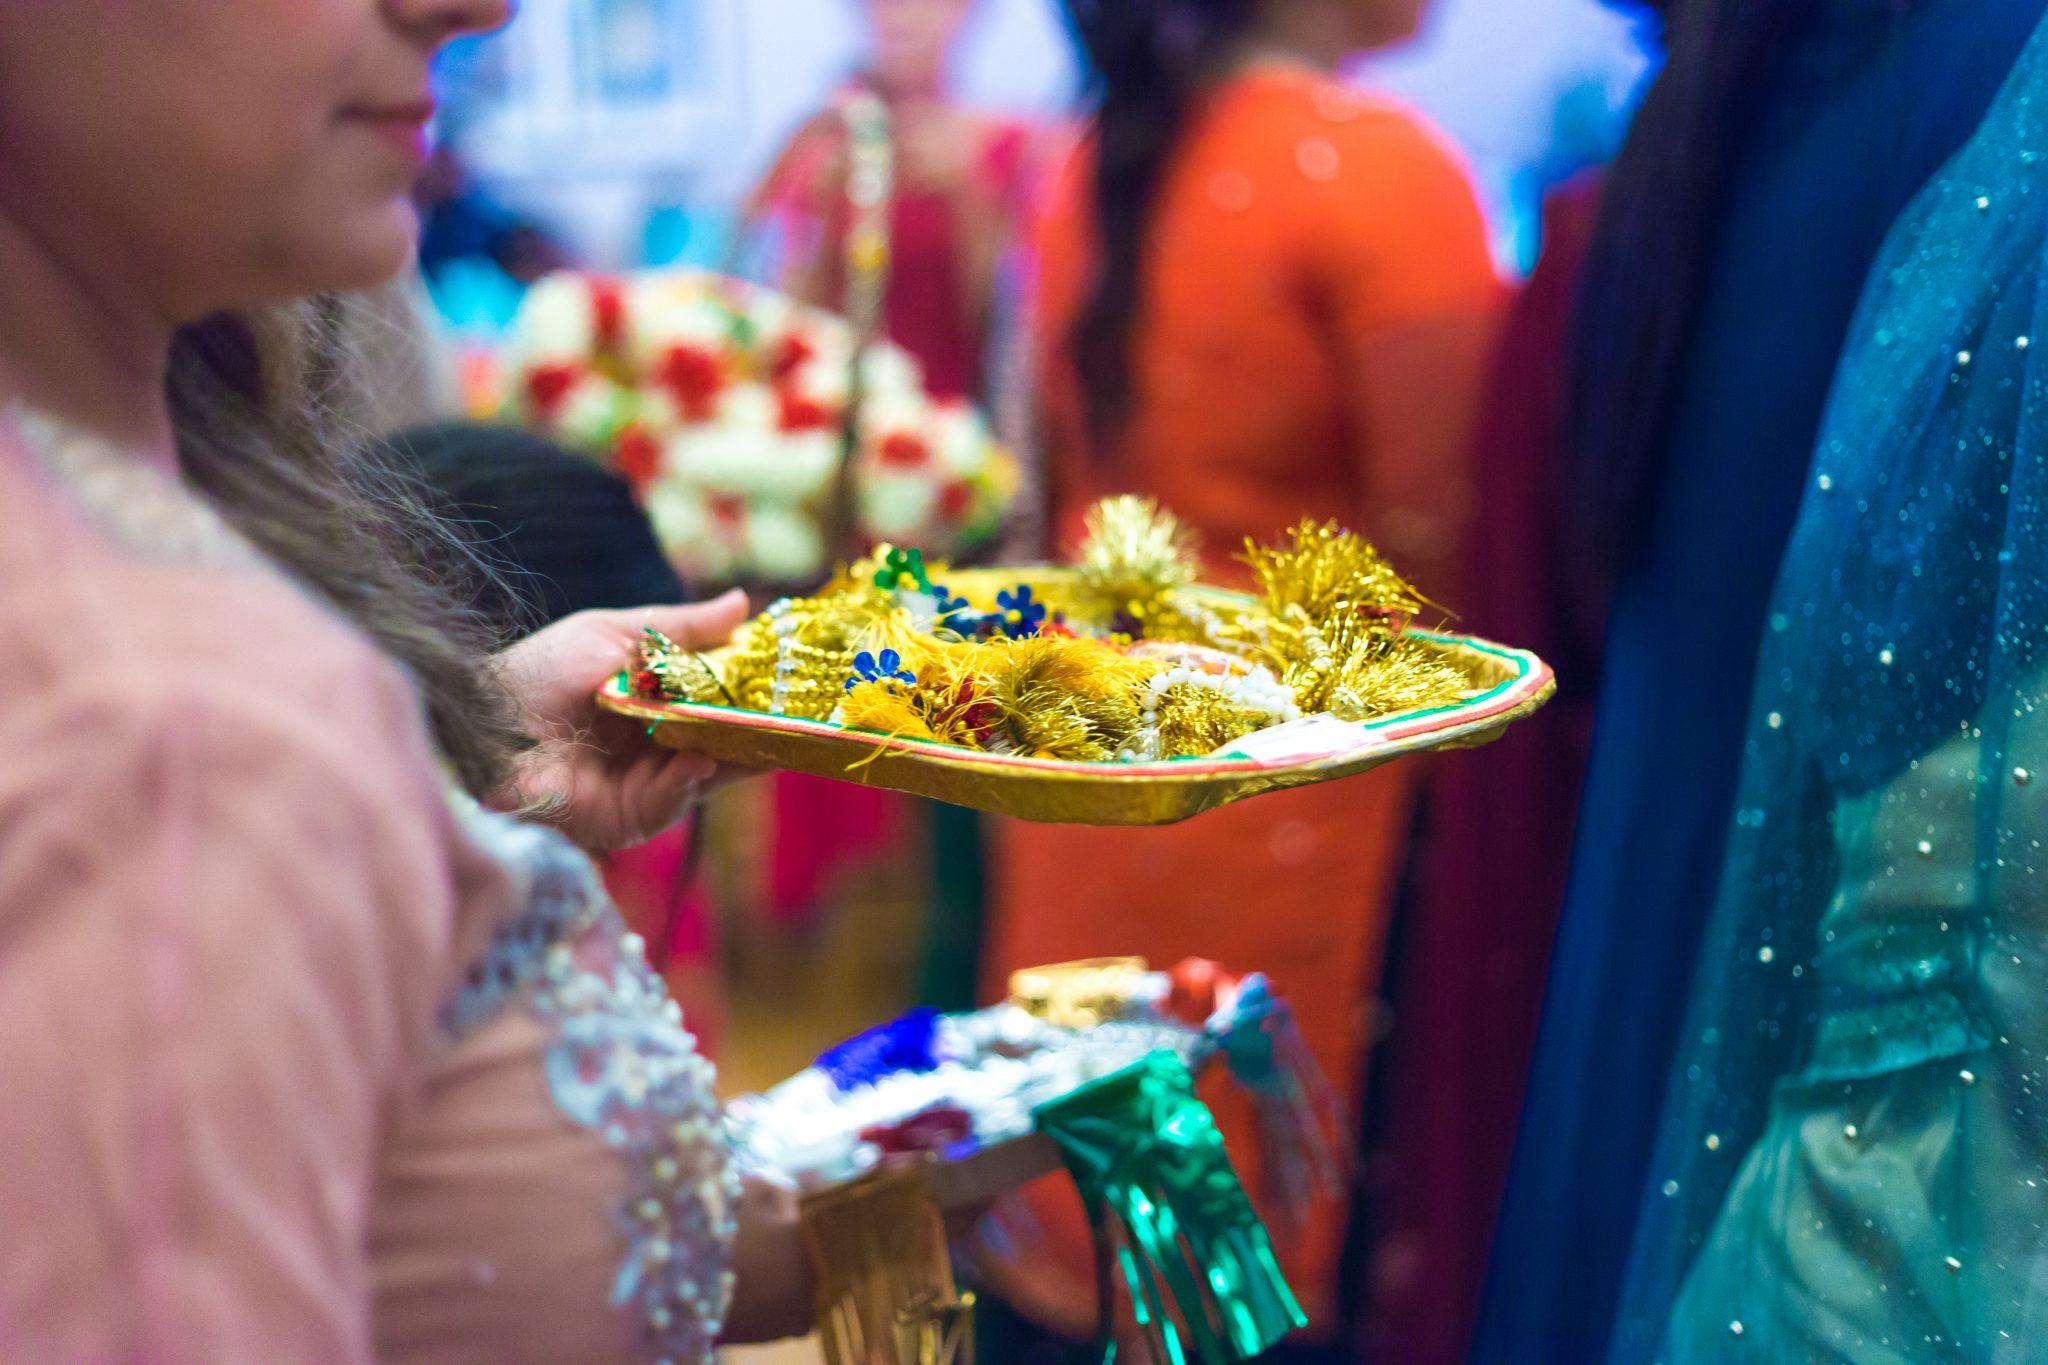 detaljer fotografert i et pakistansk bryllup